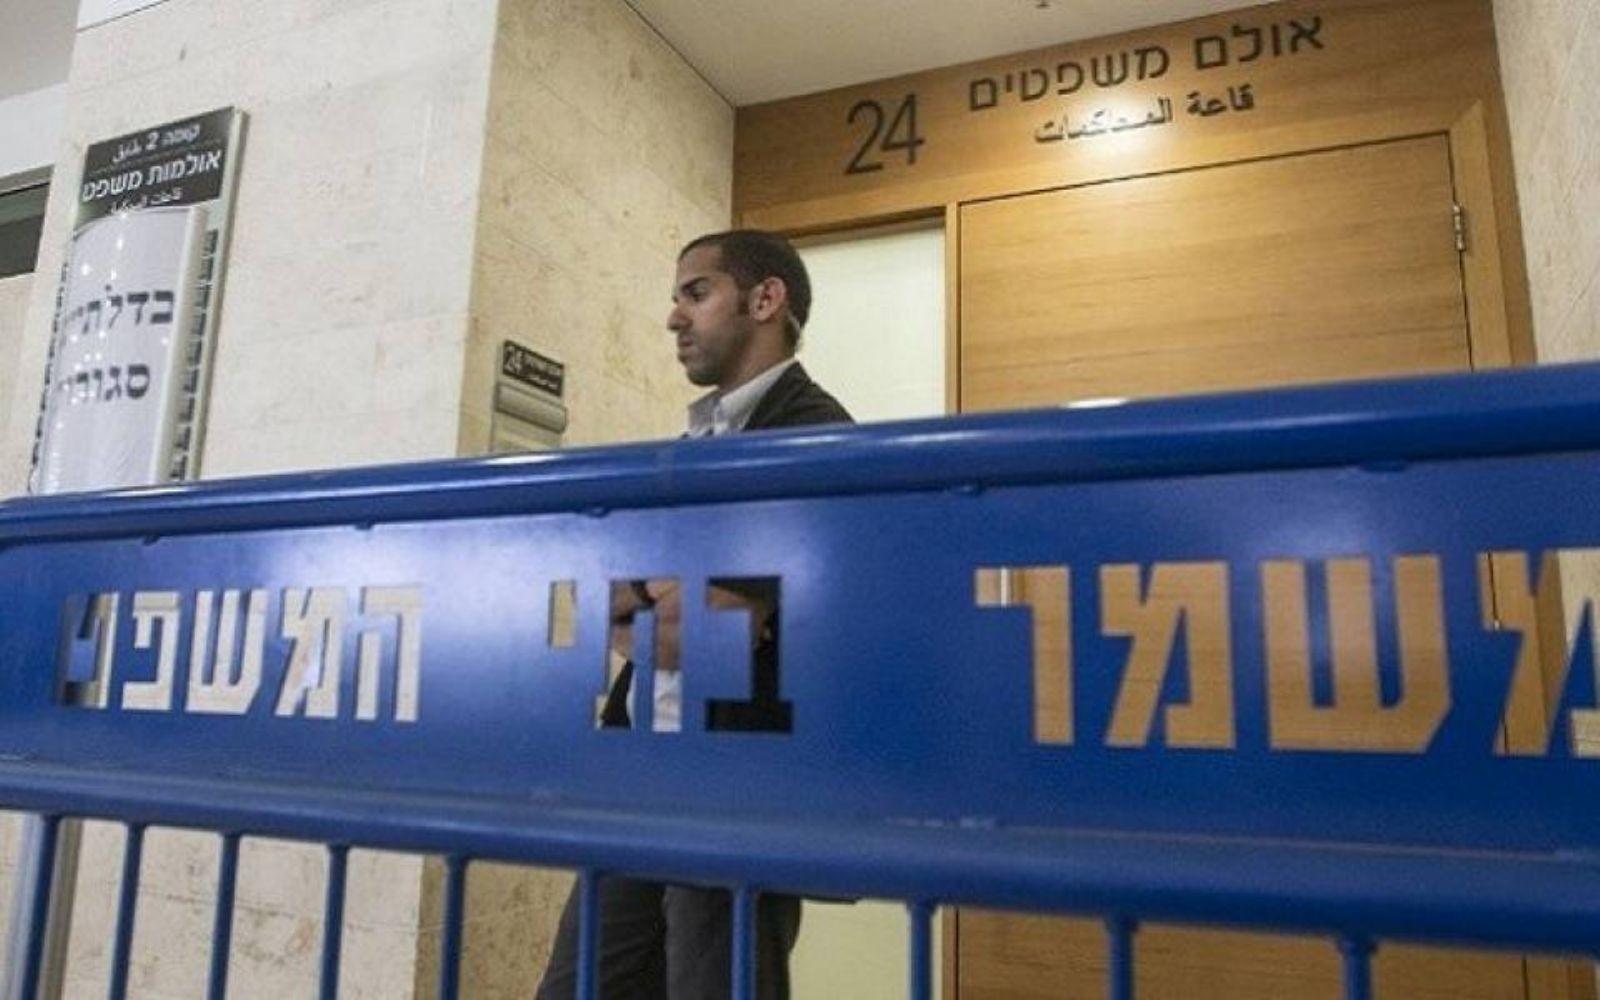 محكمة صهيونية تحكم على الأسير مراد مساك بالسجن 18 شهراً وغرامة مالية